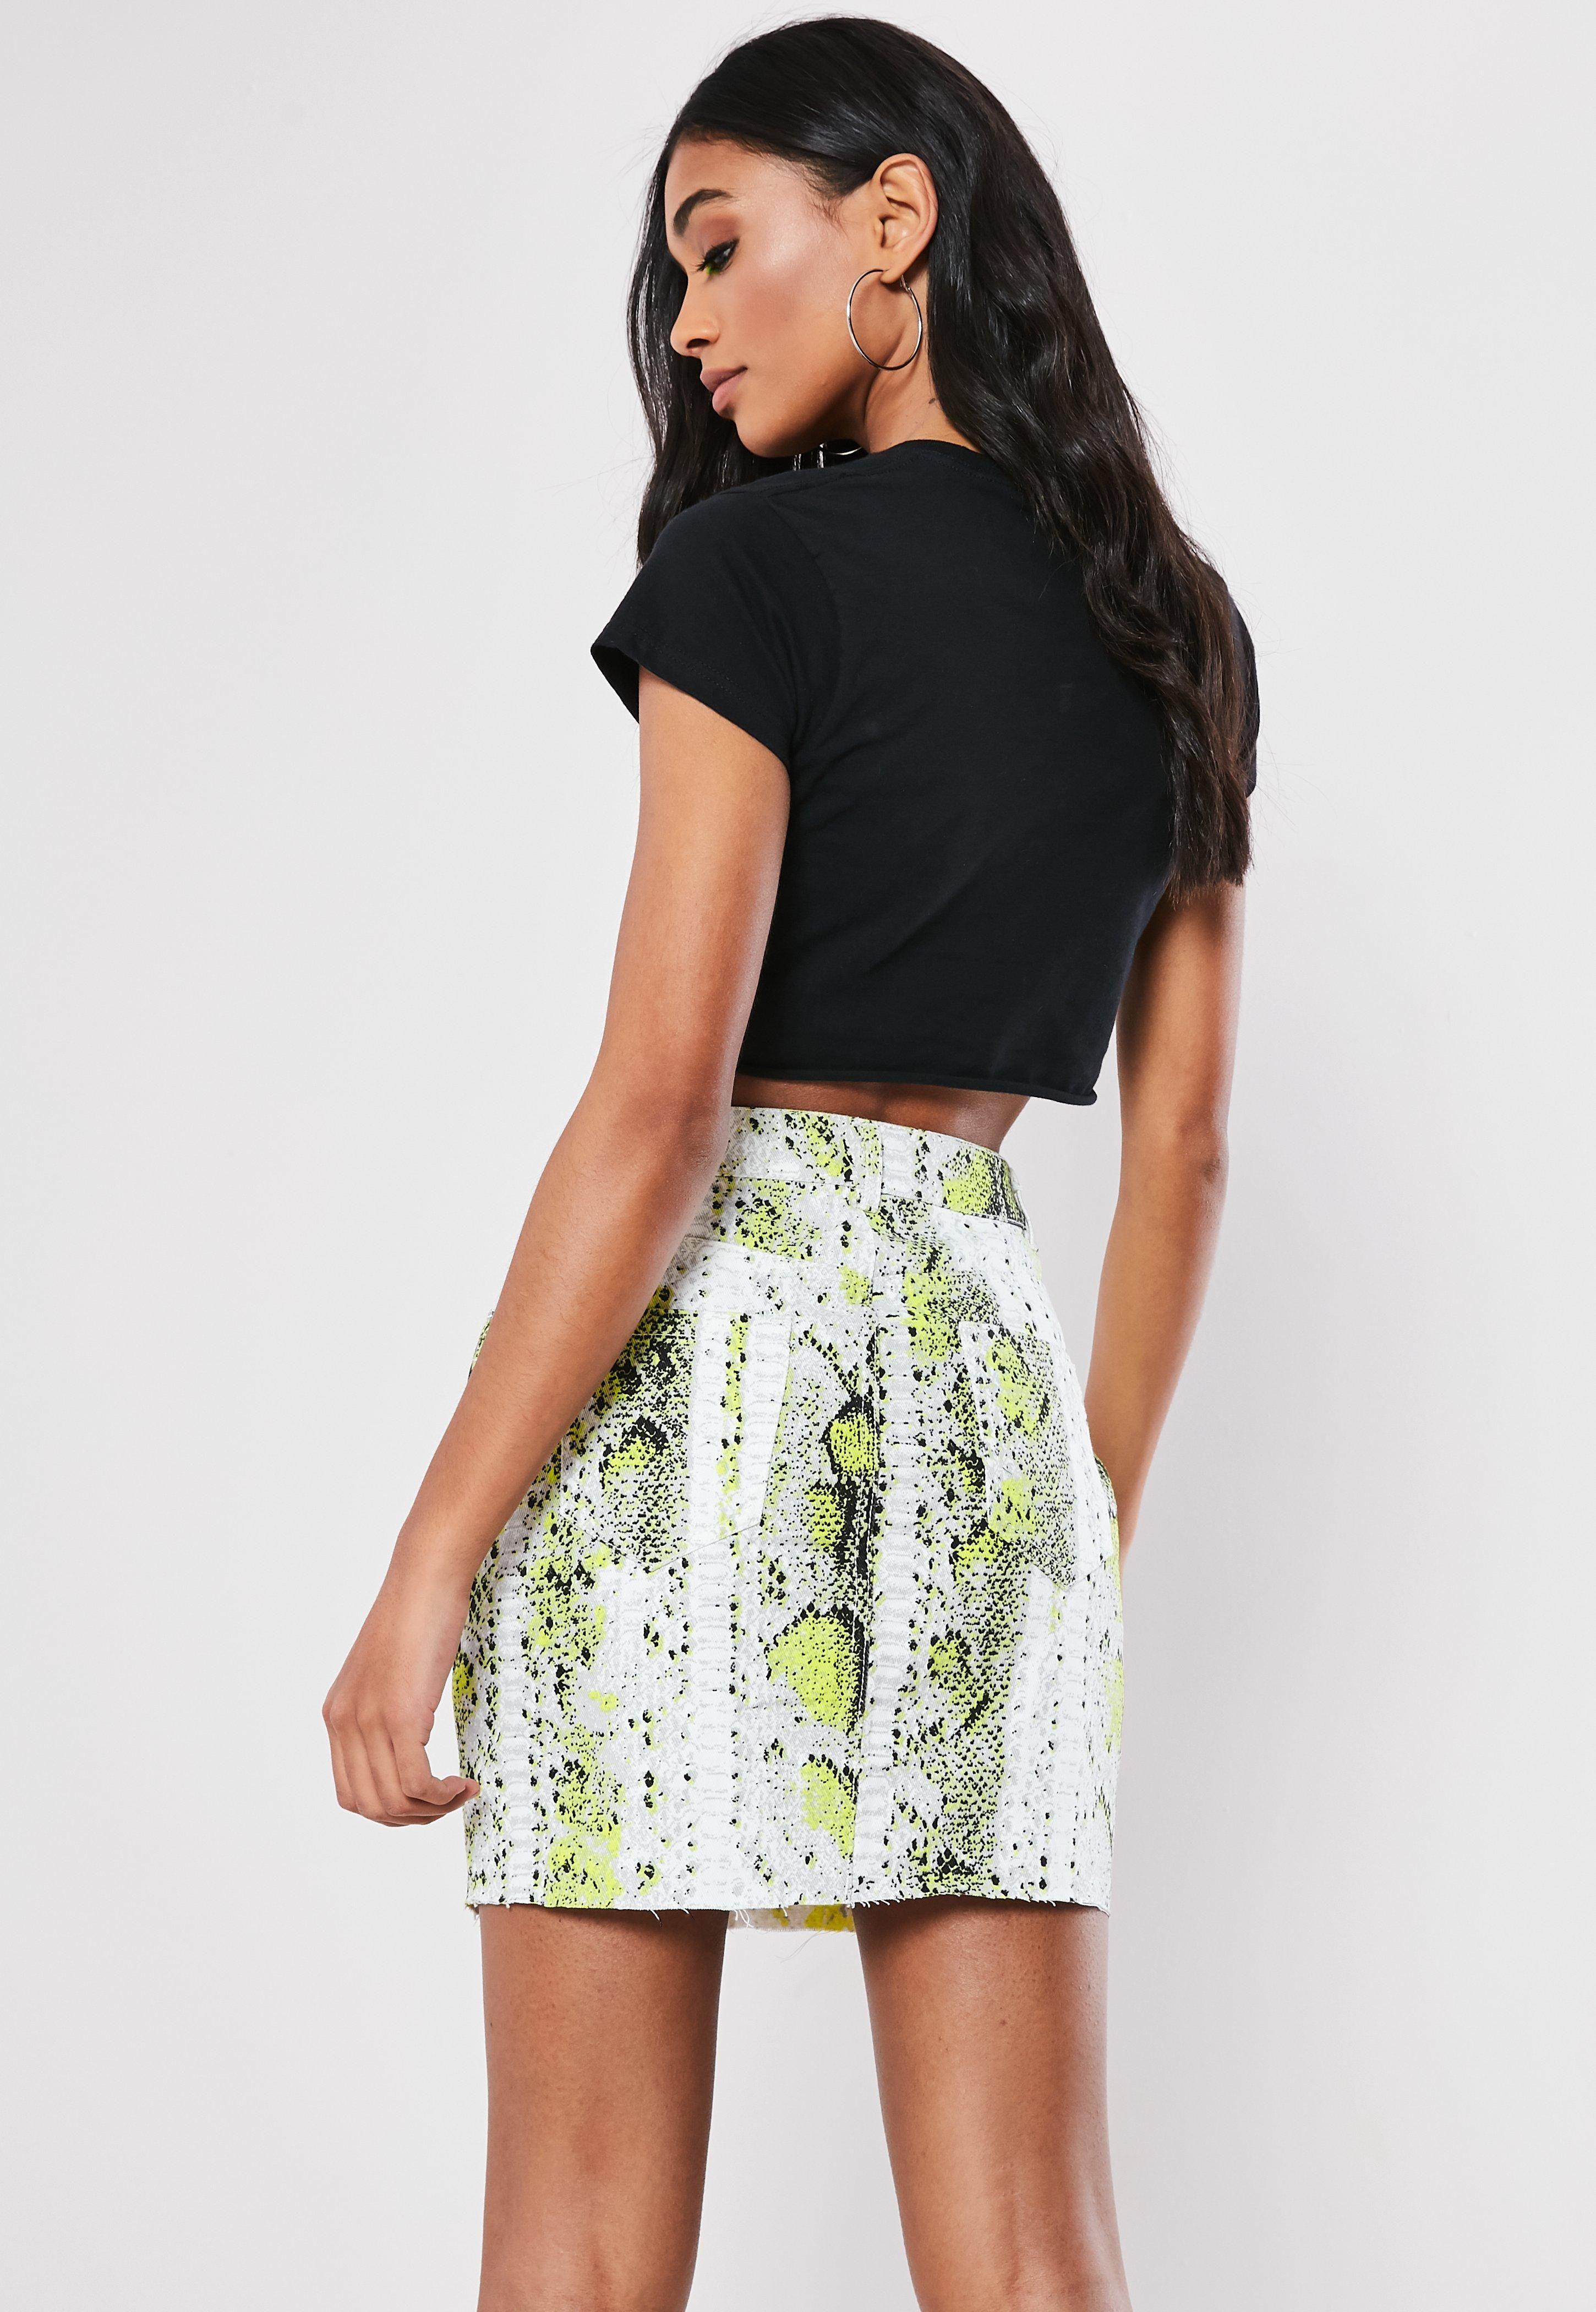 0170c71da974fe Neon Green Snake Print Co Ord Denim Mini Skirt #Sponsored #Snake, #affiliate